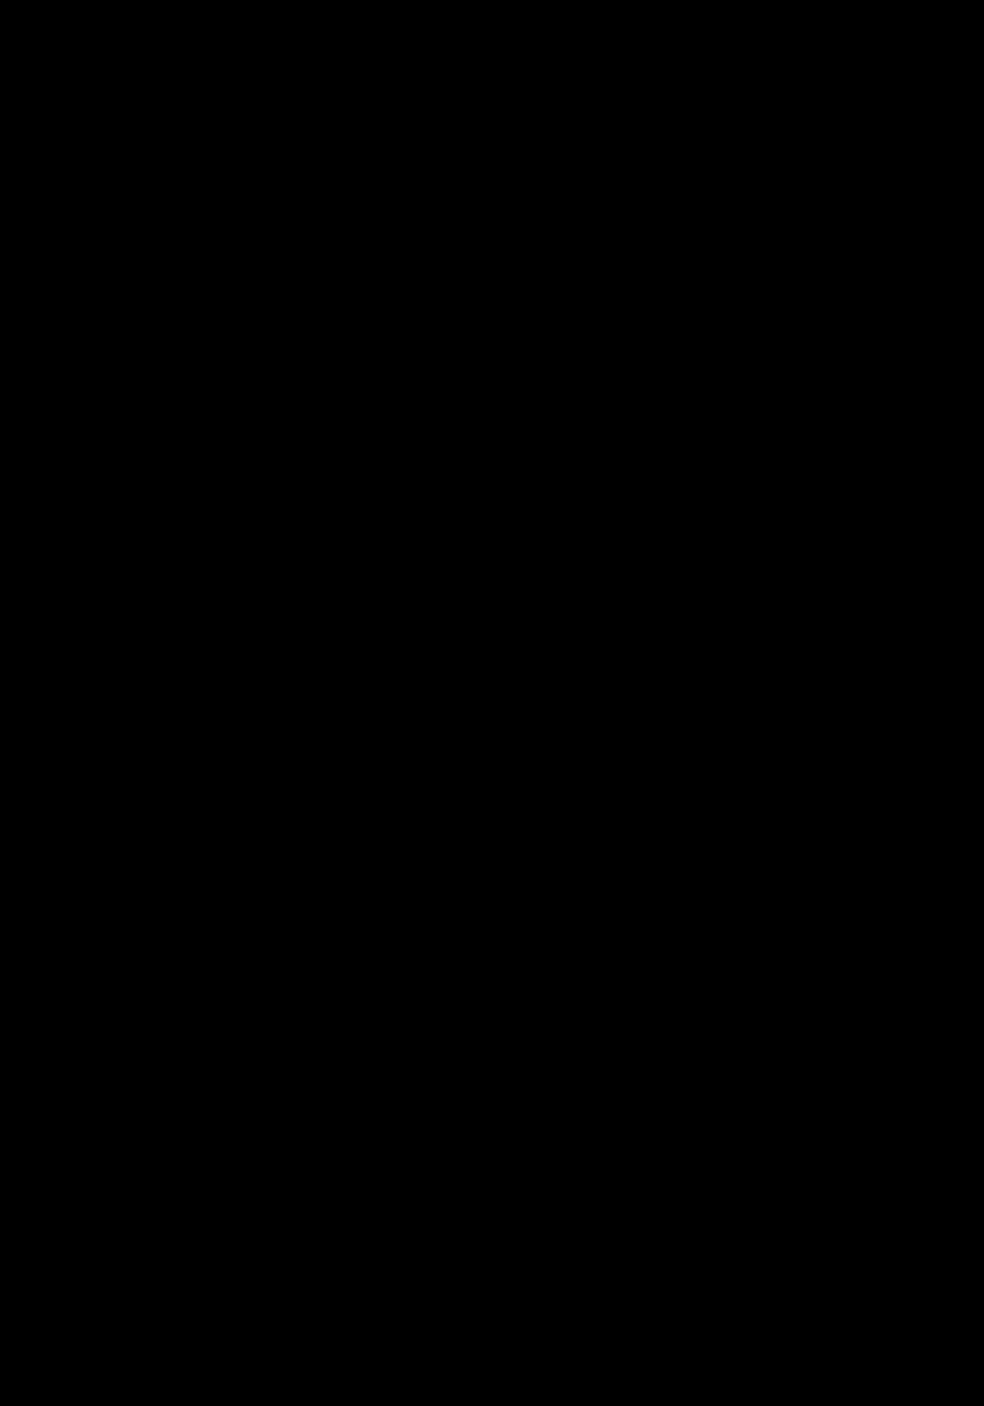 ゴナ U かなC UNAG-C 横組見本